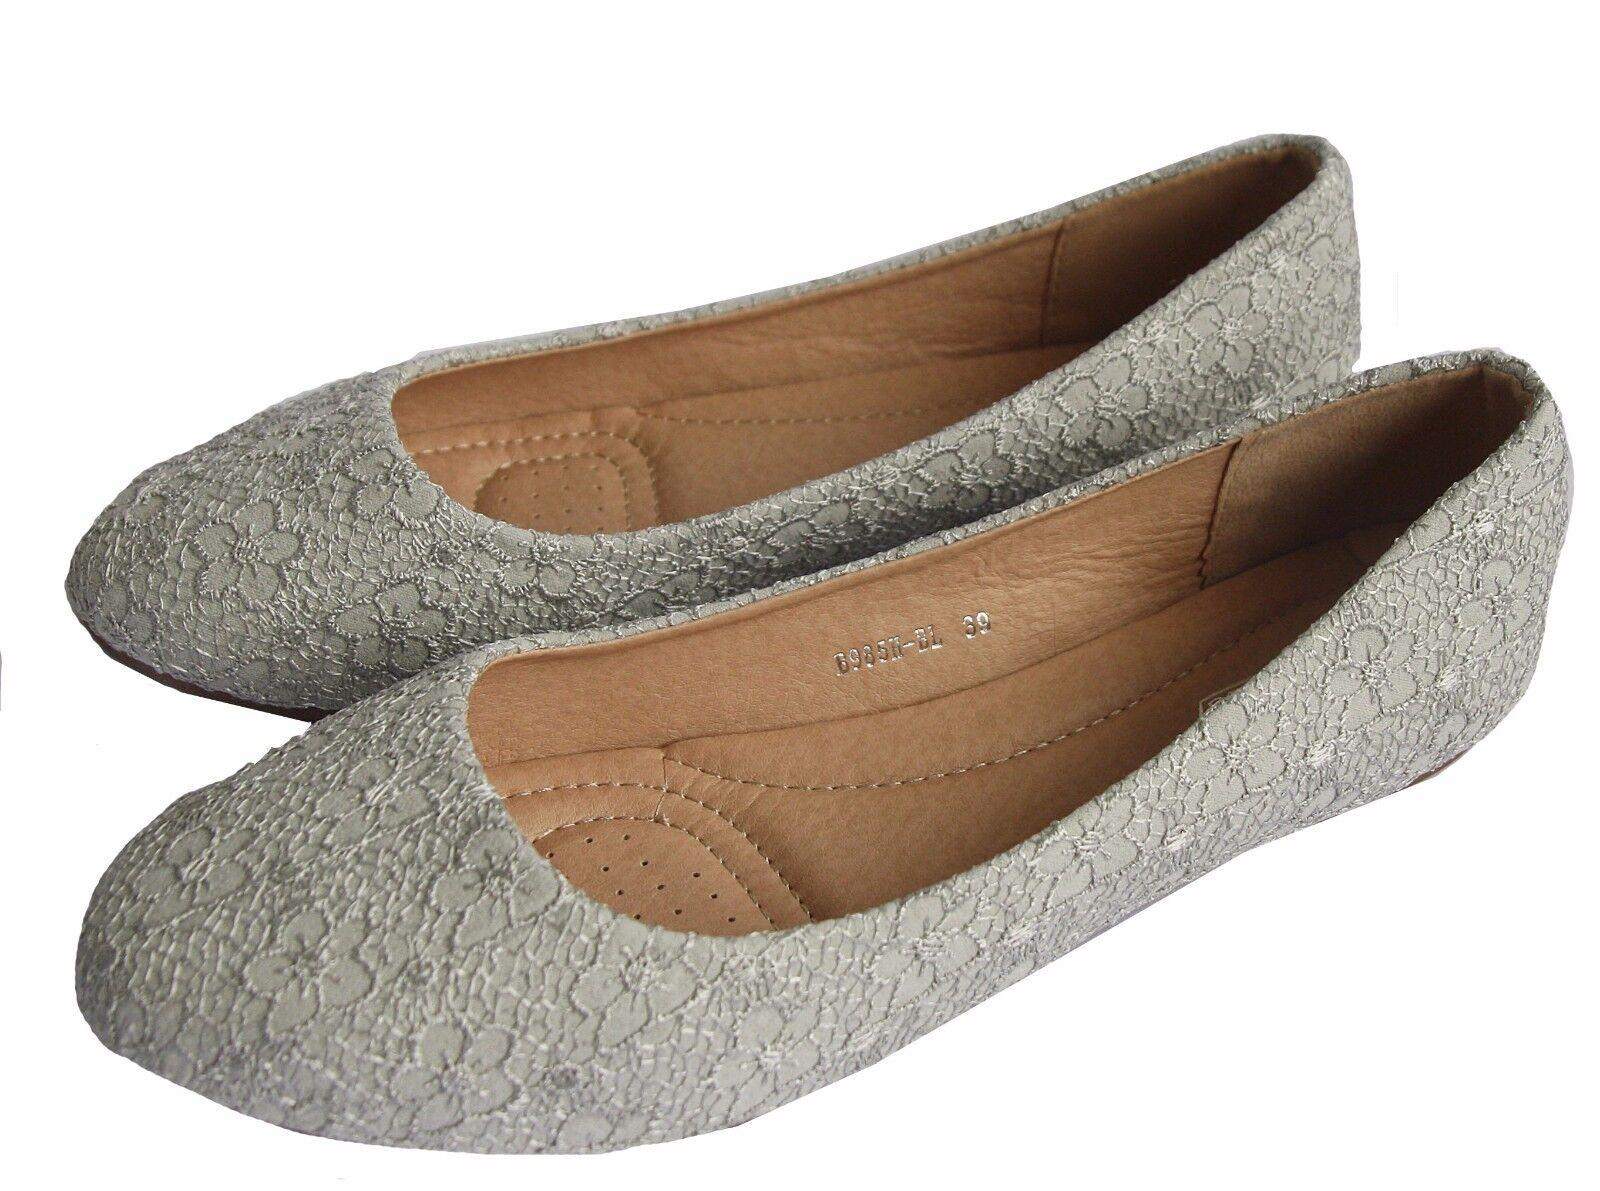 BALLERINA BRAUT Zapatos   Zapatos AUS SPITZE SEHR EDEL HELL GRAU B 985H-BL ec3861